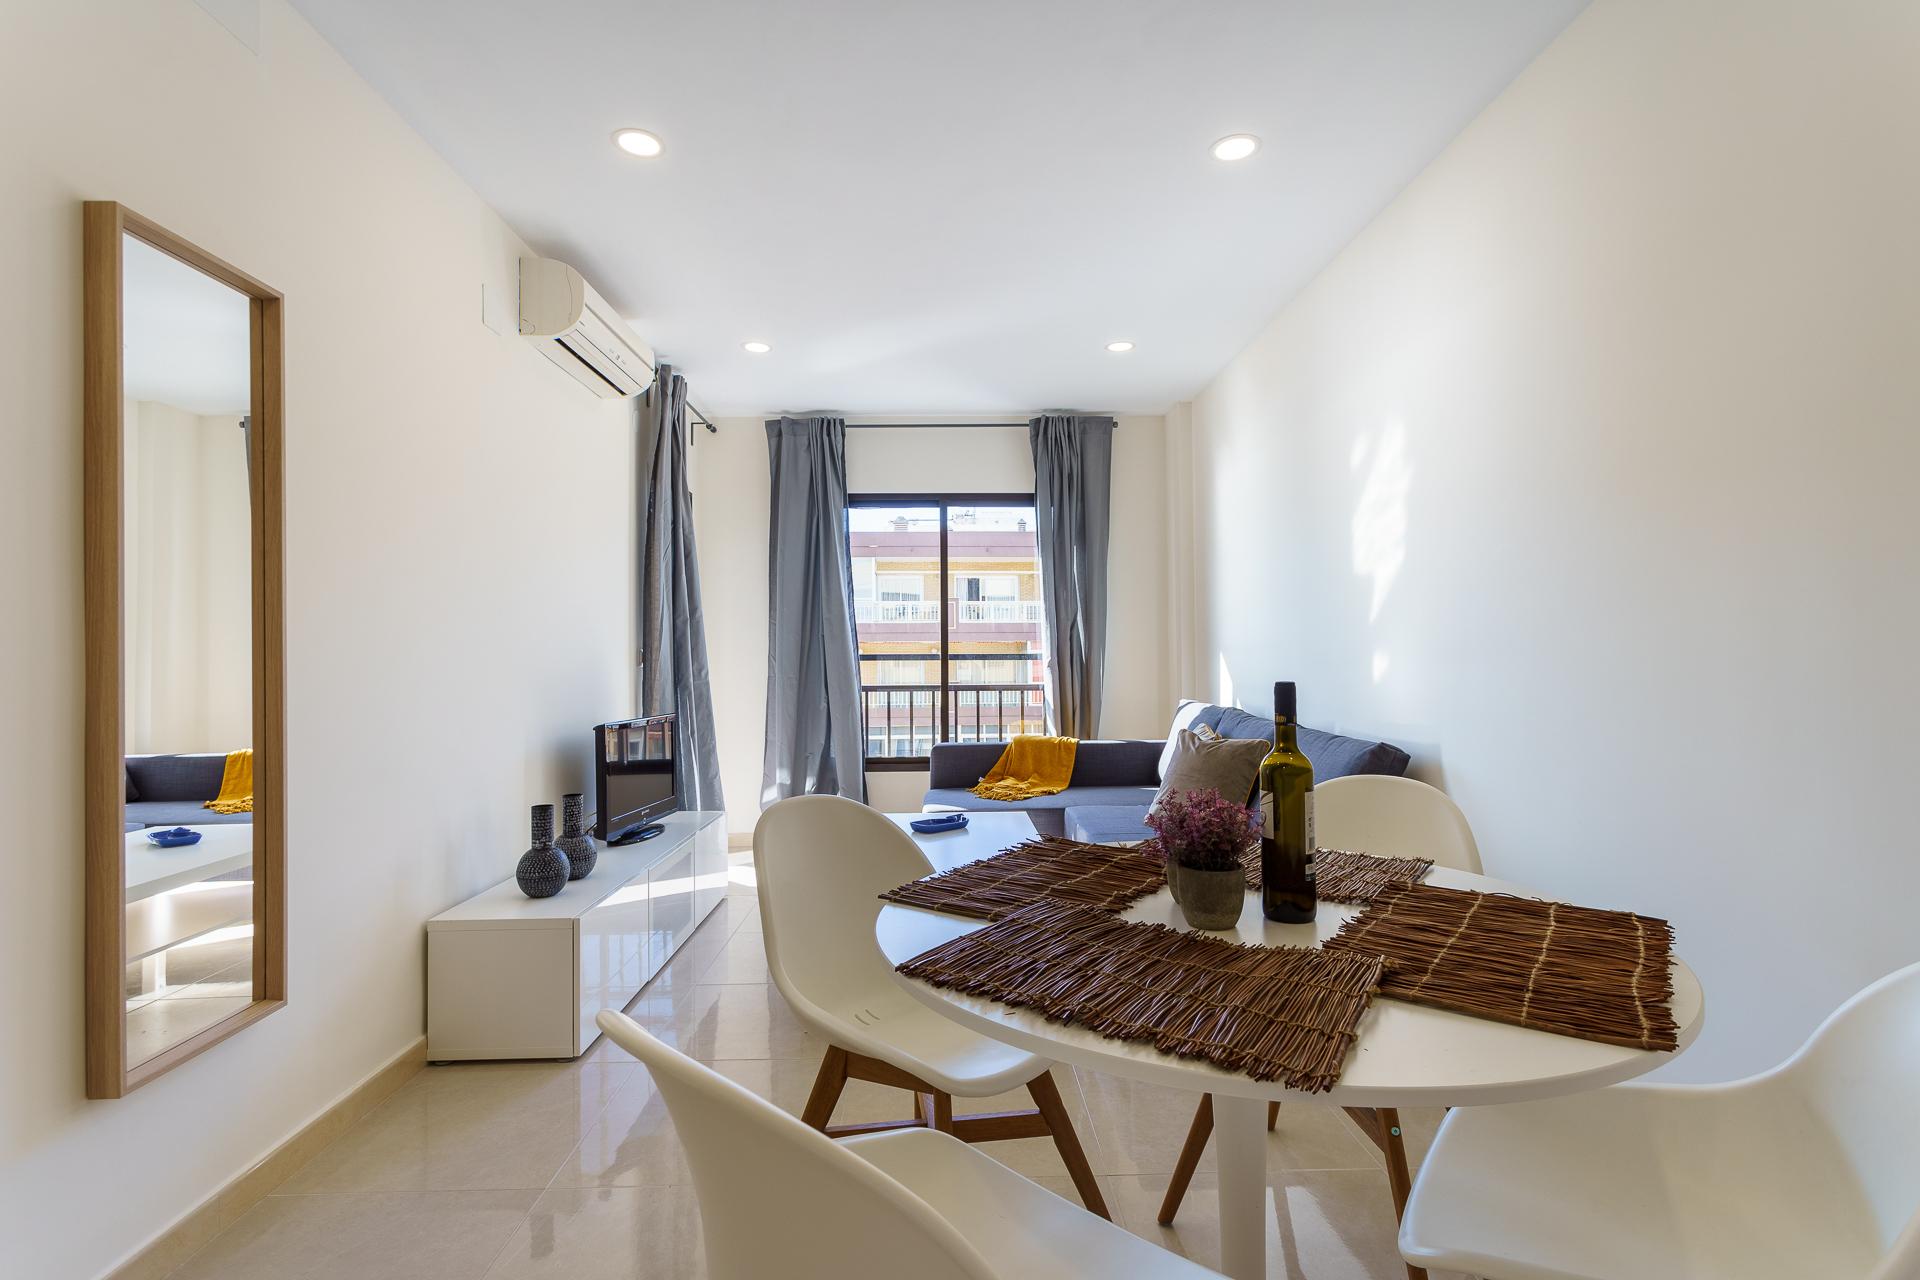 MalagaSuite Cozy Apartment in Fuengirola photo 20507060